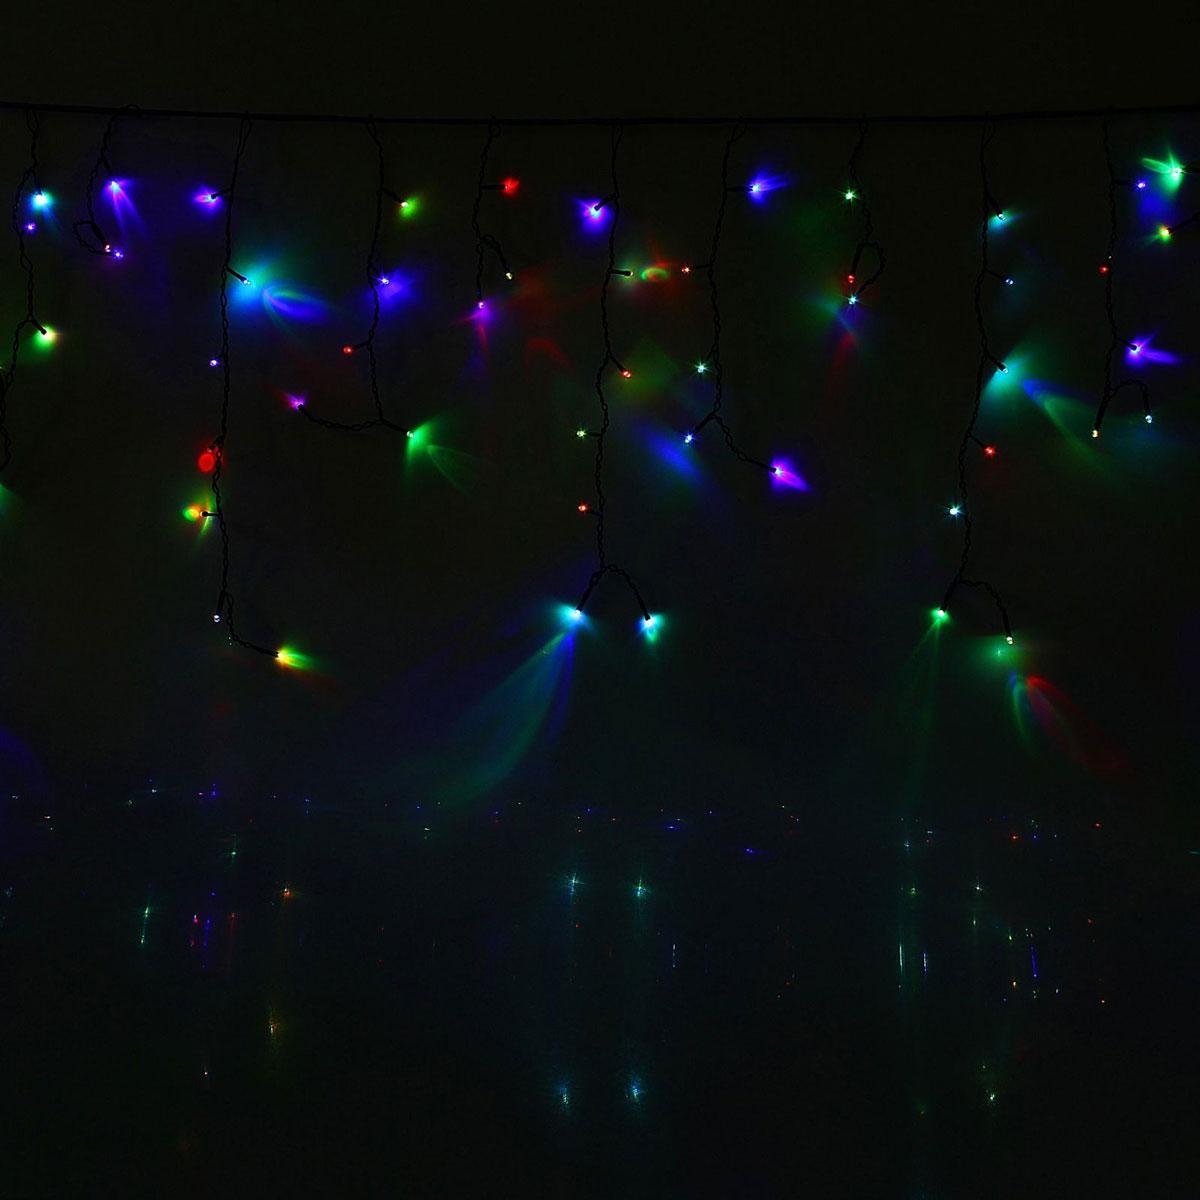 Гирлянда светодиодная Luazon Бахрома, уличная, моргает, 180 ламп, 220 V, цвет: мультиколор, 4 х 0,6 м. 10801601080160Светодиодные гирлянды, ленты и т.д — это отличный вариант для новогоднего оформления интерьера или фасада. С их помощью помещение любого размера можно превратить в праздничный зал, а внешние элементы зданий, украшенные ими, мгновенно станут напоминать очертания сказочного дворца. Такие украшения создают ауру предвкушения чуда. Деревья, фасады, витрины, окна и арки будто специально созданы, чтобы вы украсили их светящимися нитями.